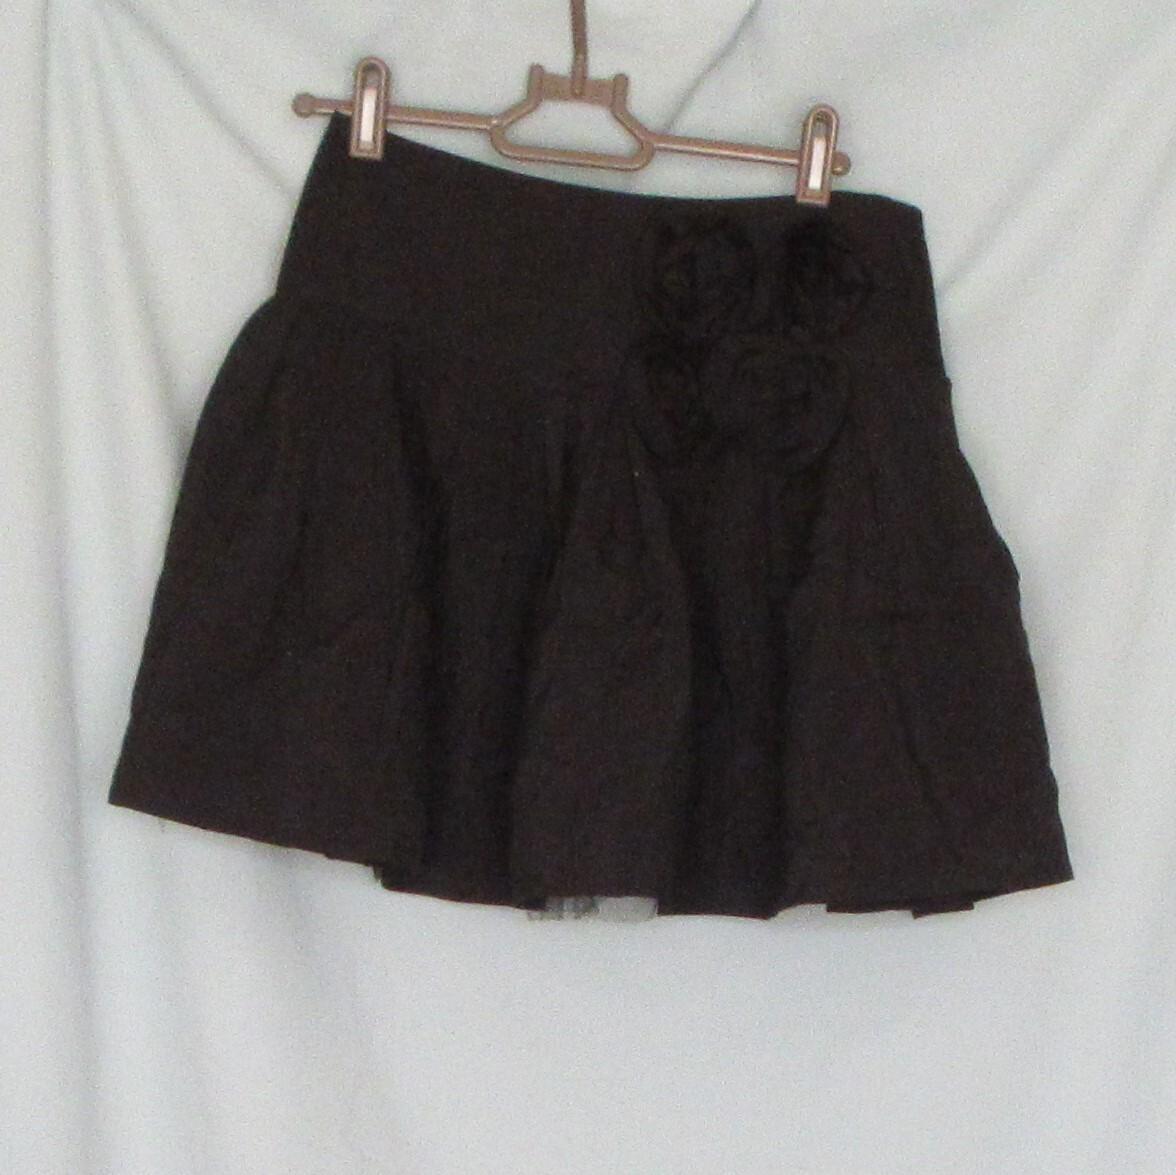 ミニスカート フラワーモチーフバラ 中古 Mサイズ 中国製